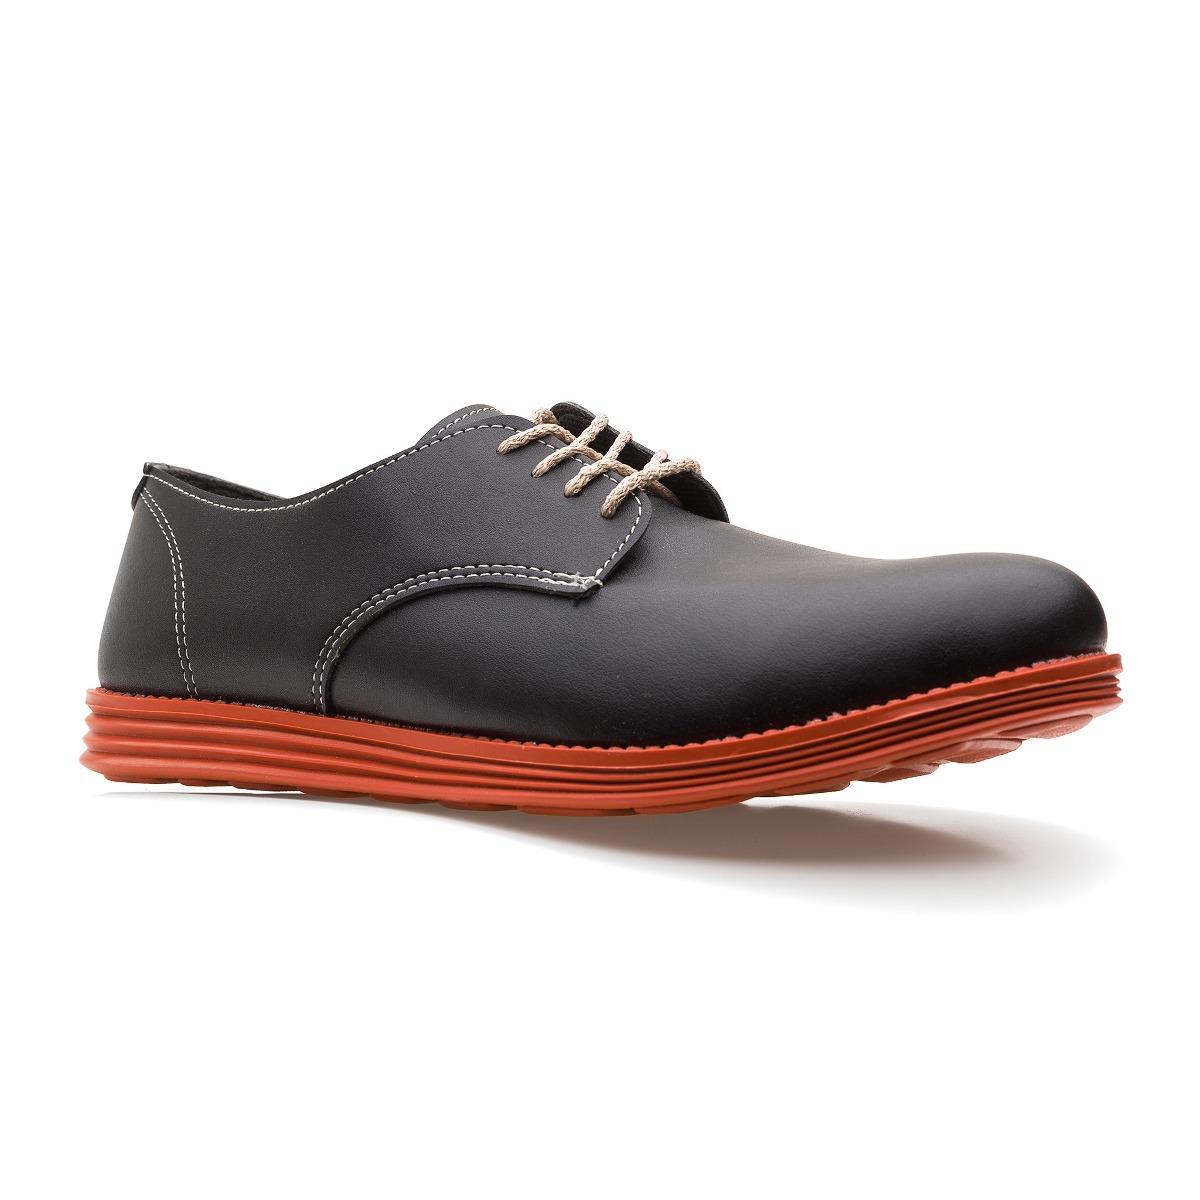 87a03efbcf9 zapatos de cuero hombre